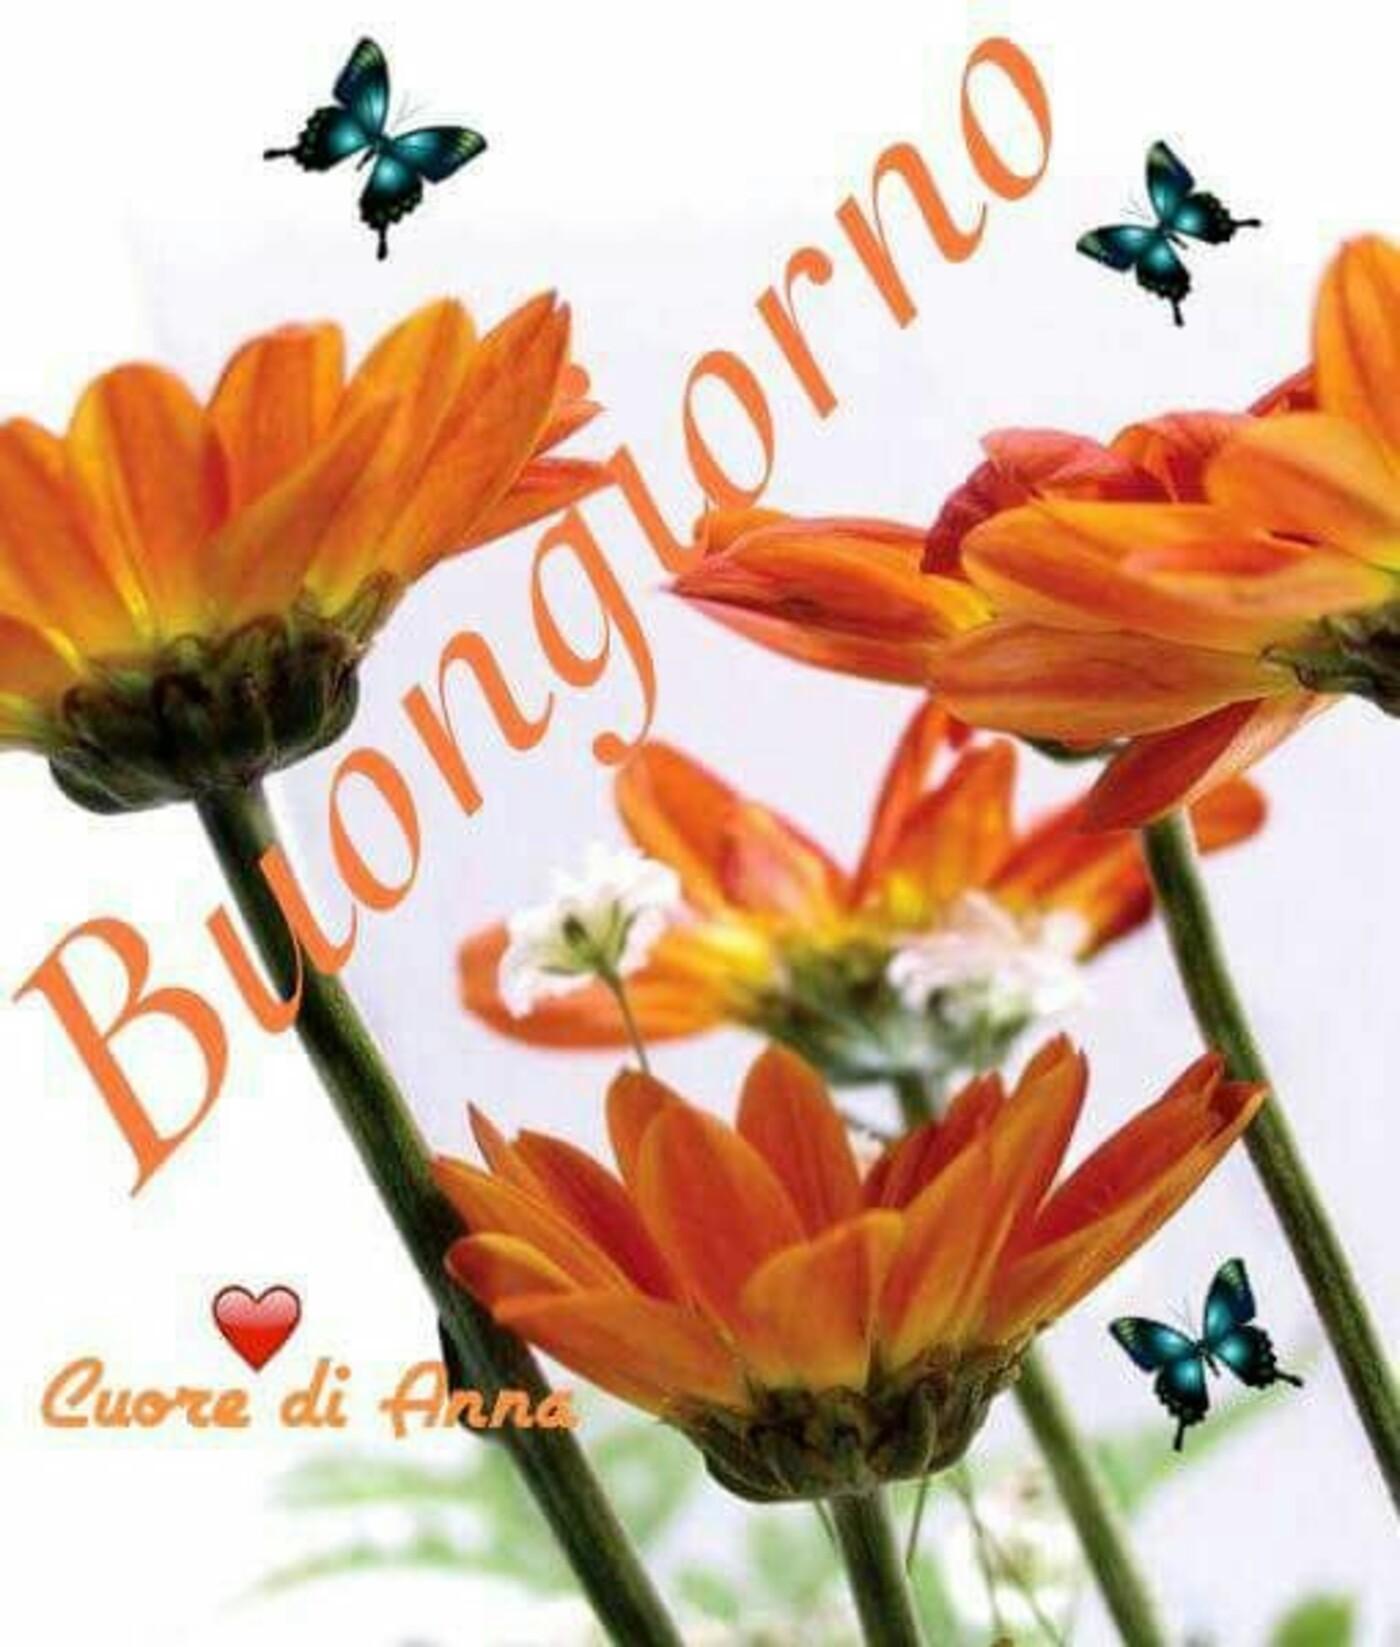 Cuore di Anna - Buongiorno coi fiori